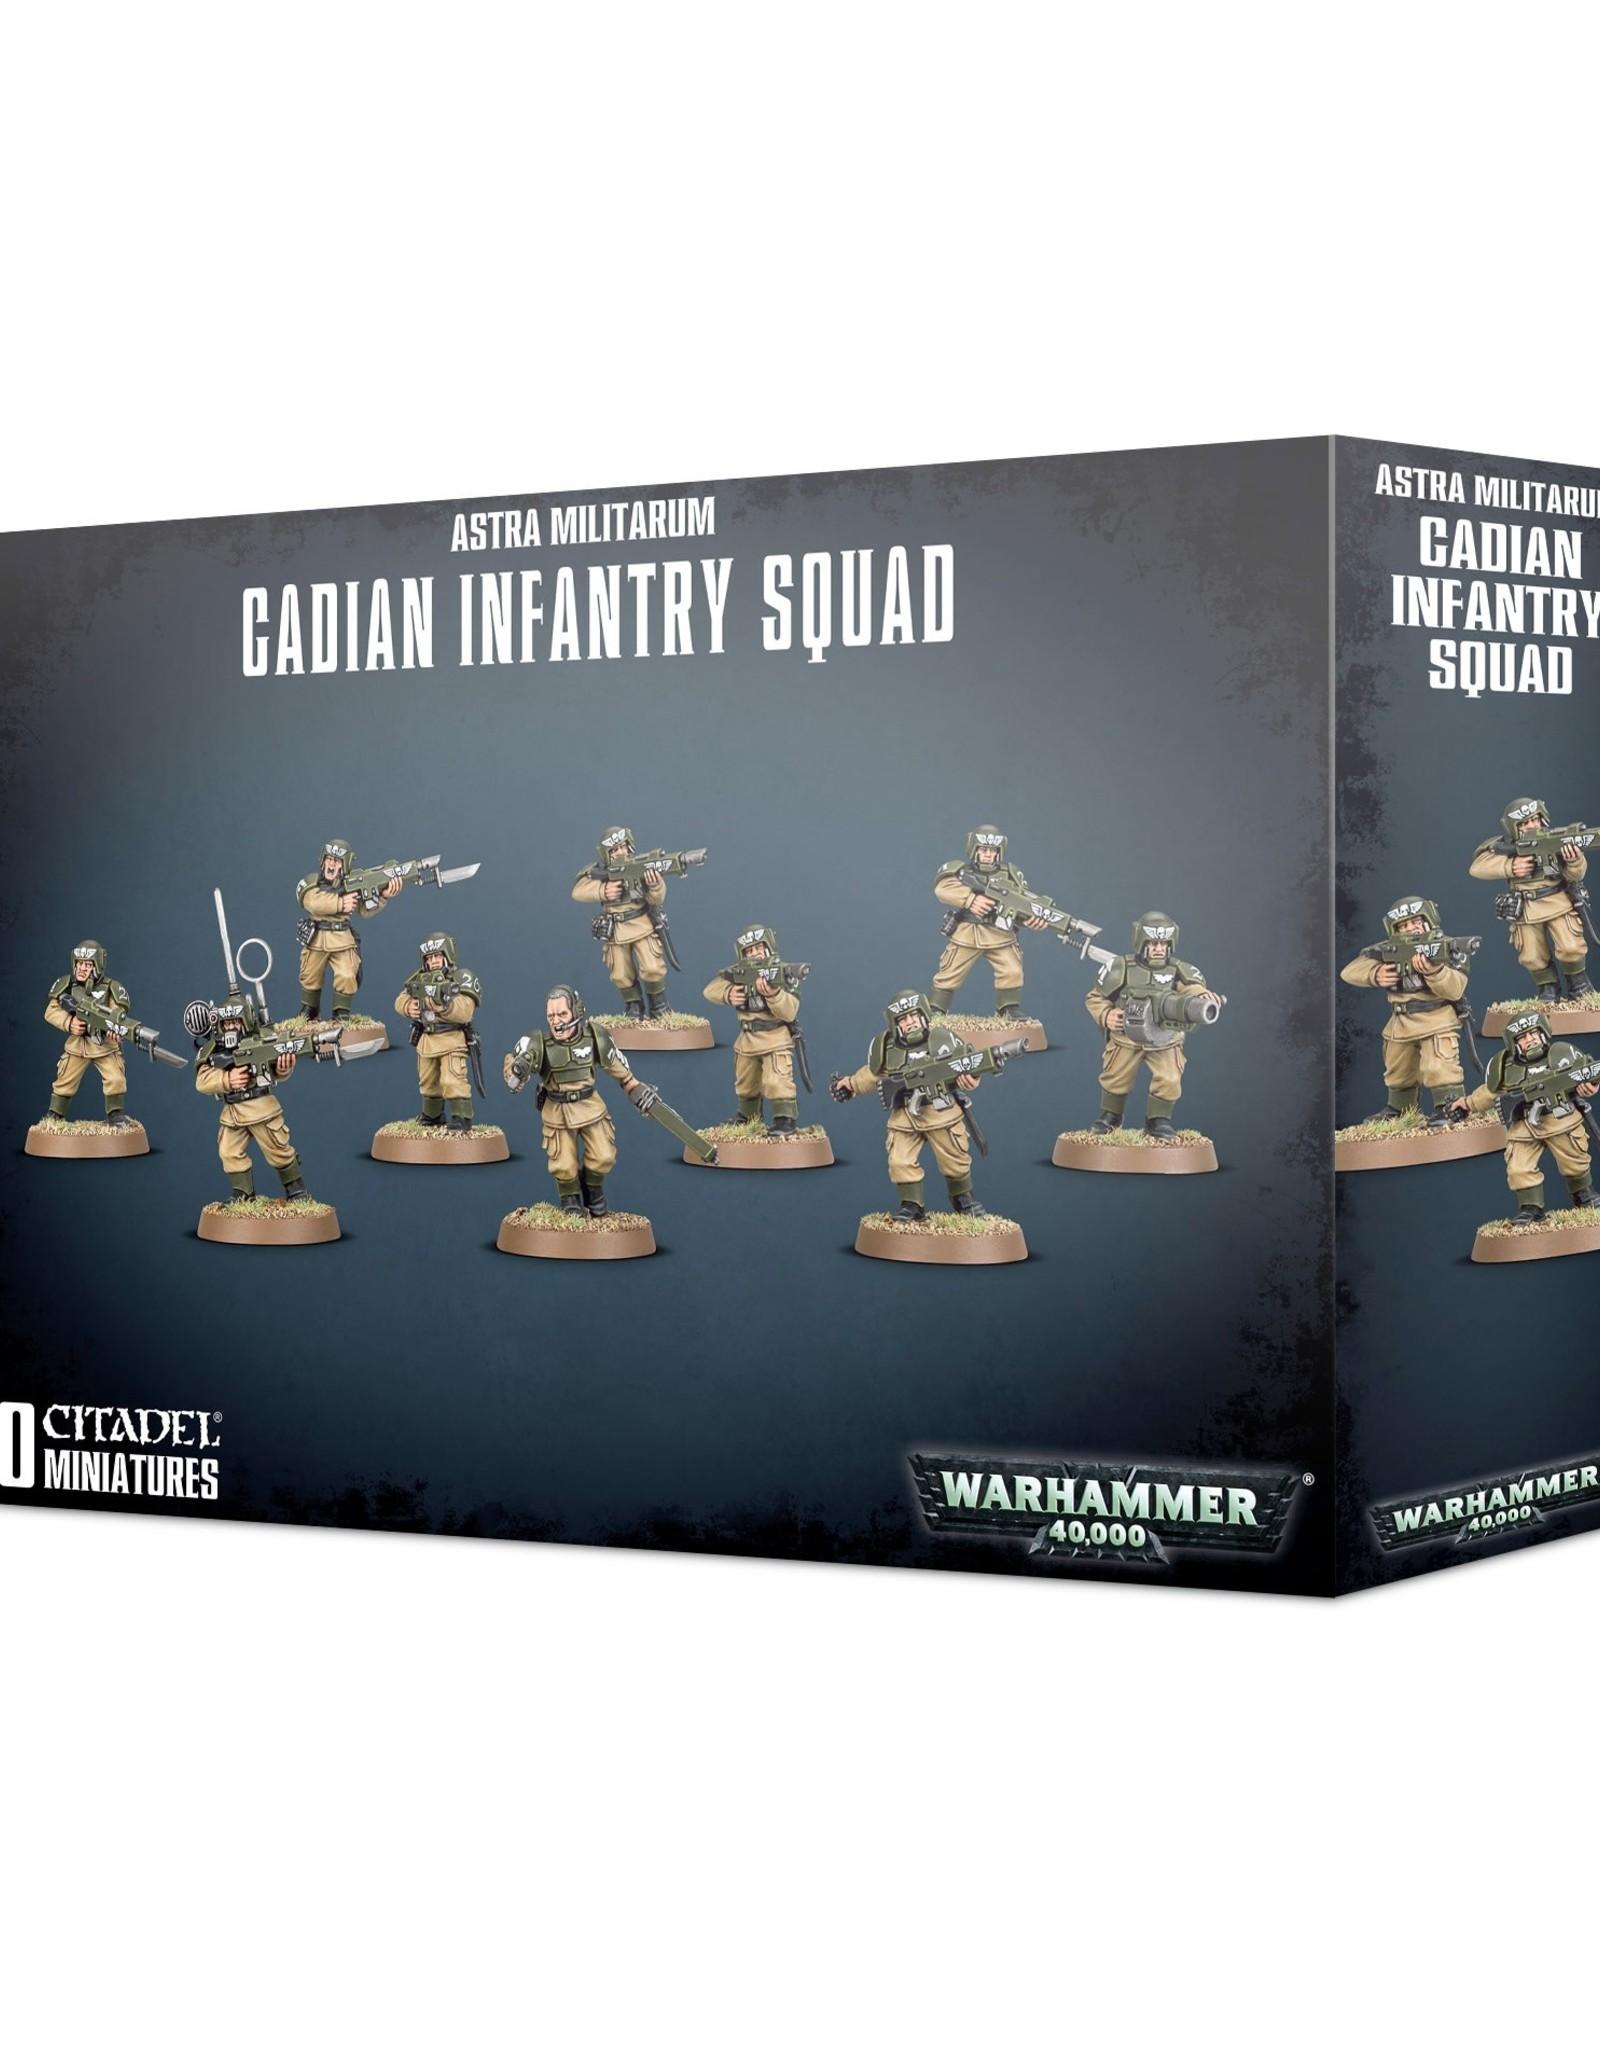 Games Workshop Warhammer 40K: Astra Militarum Cadian Infantry Squad